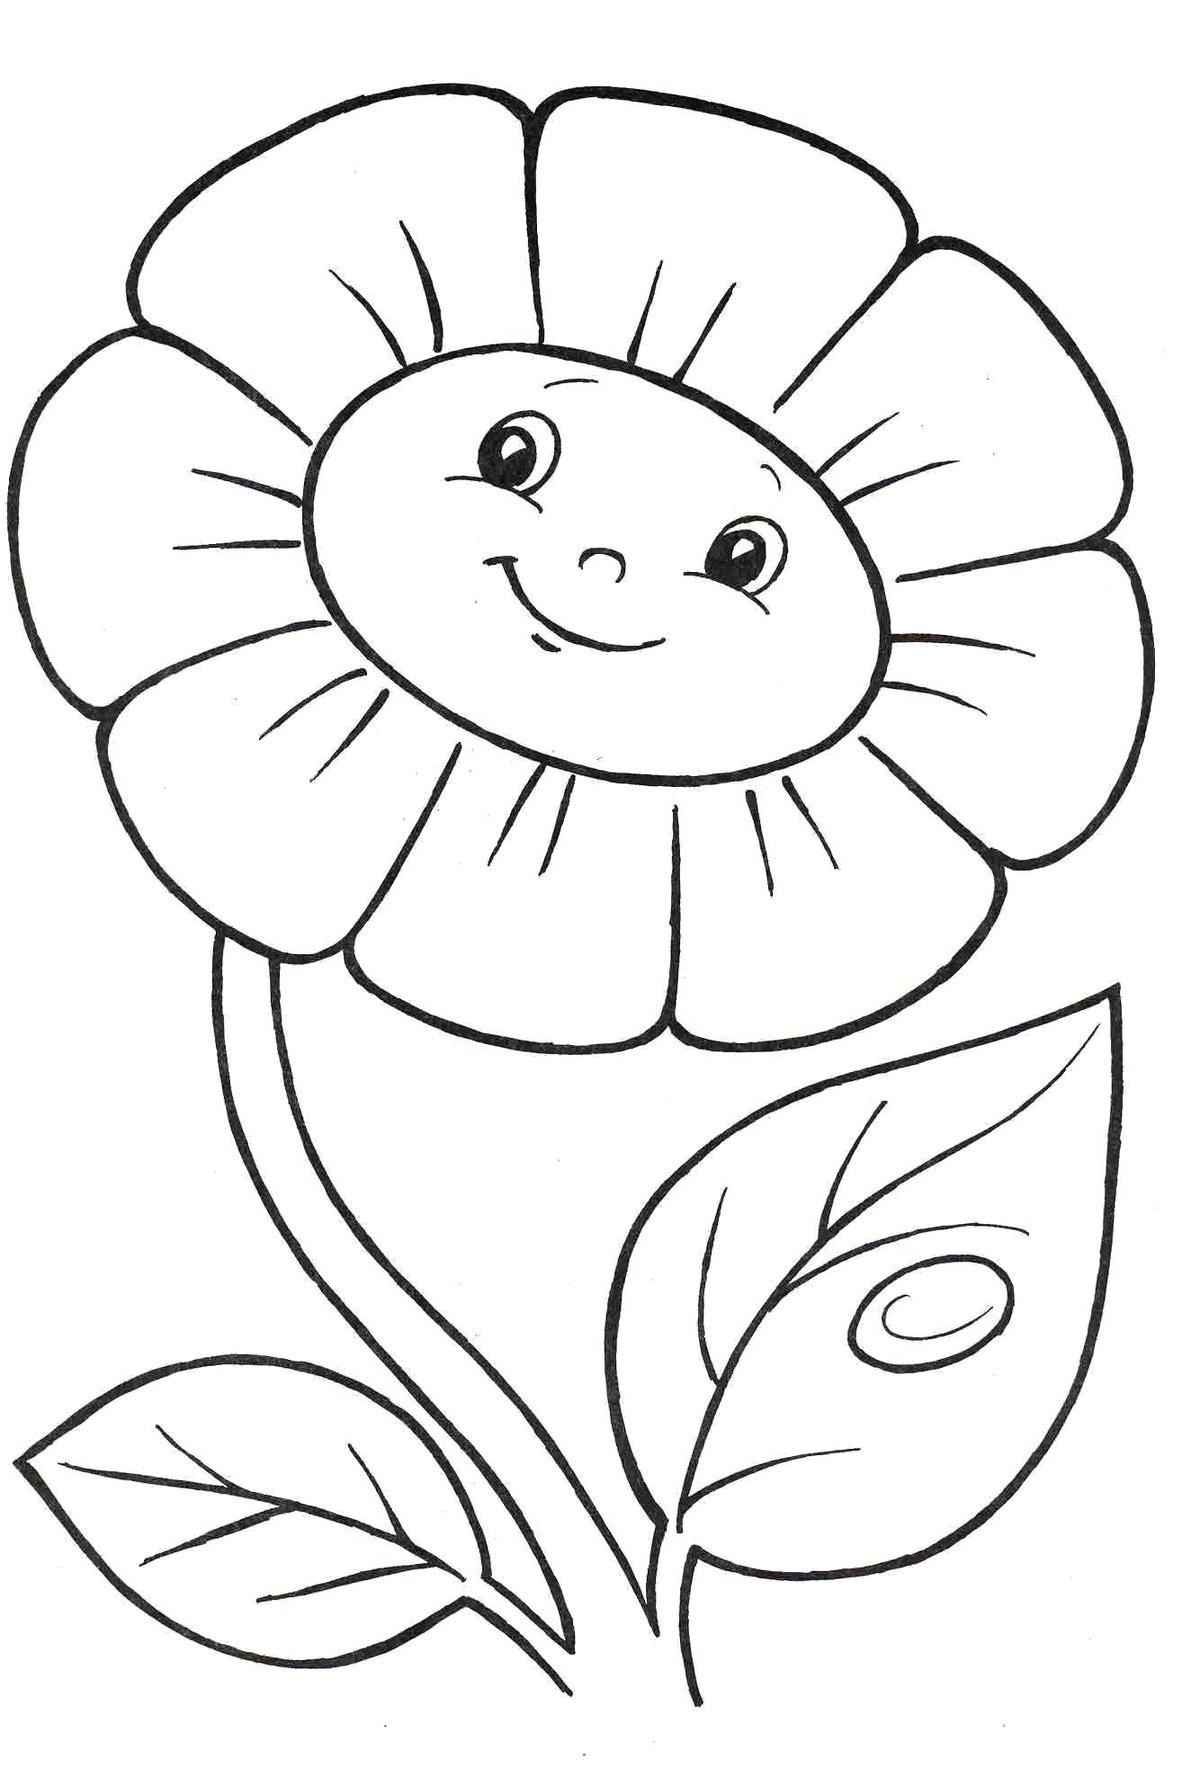 Картинки для детей цветок раскраска, родина самара